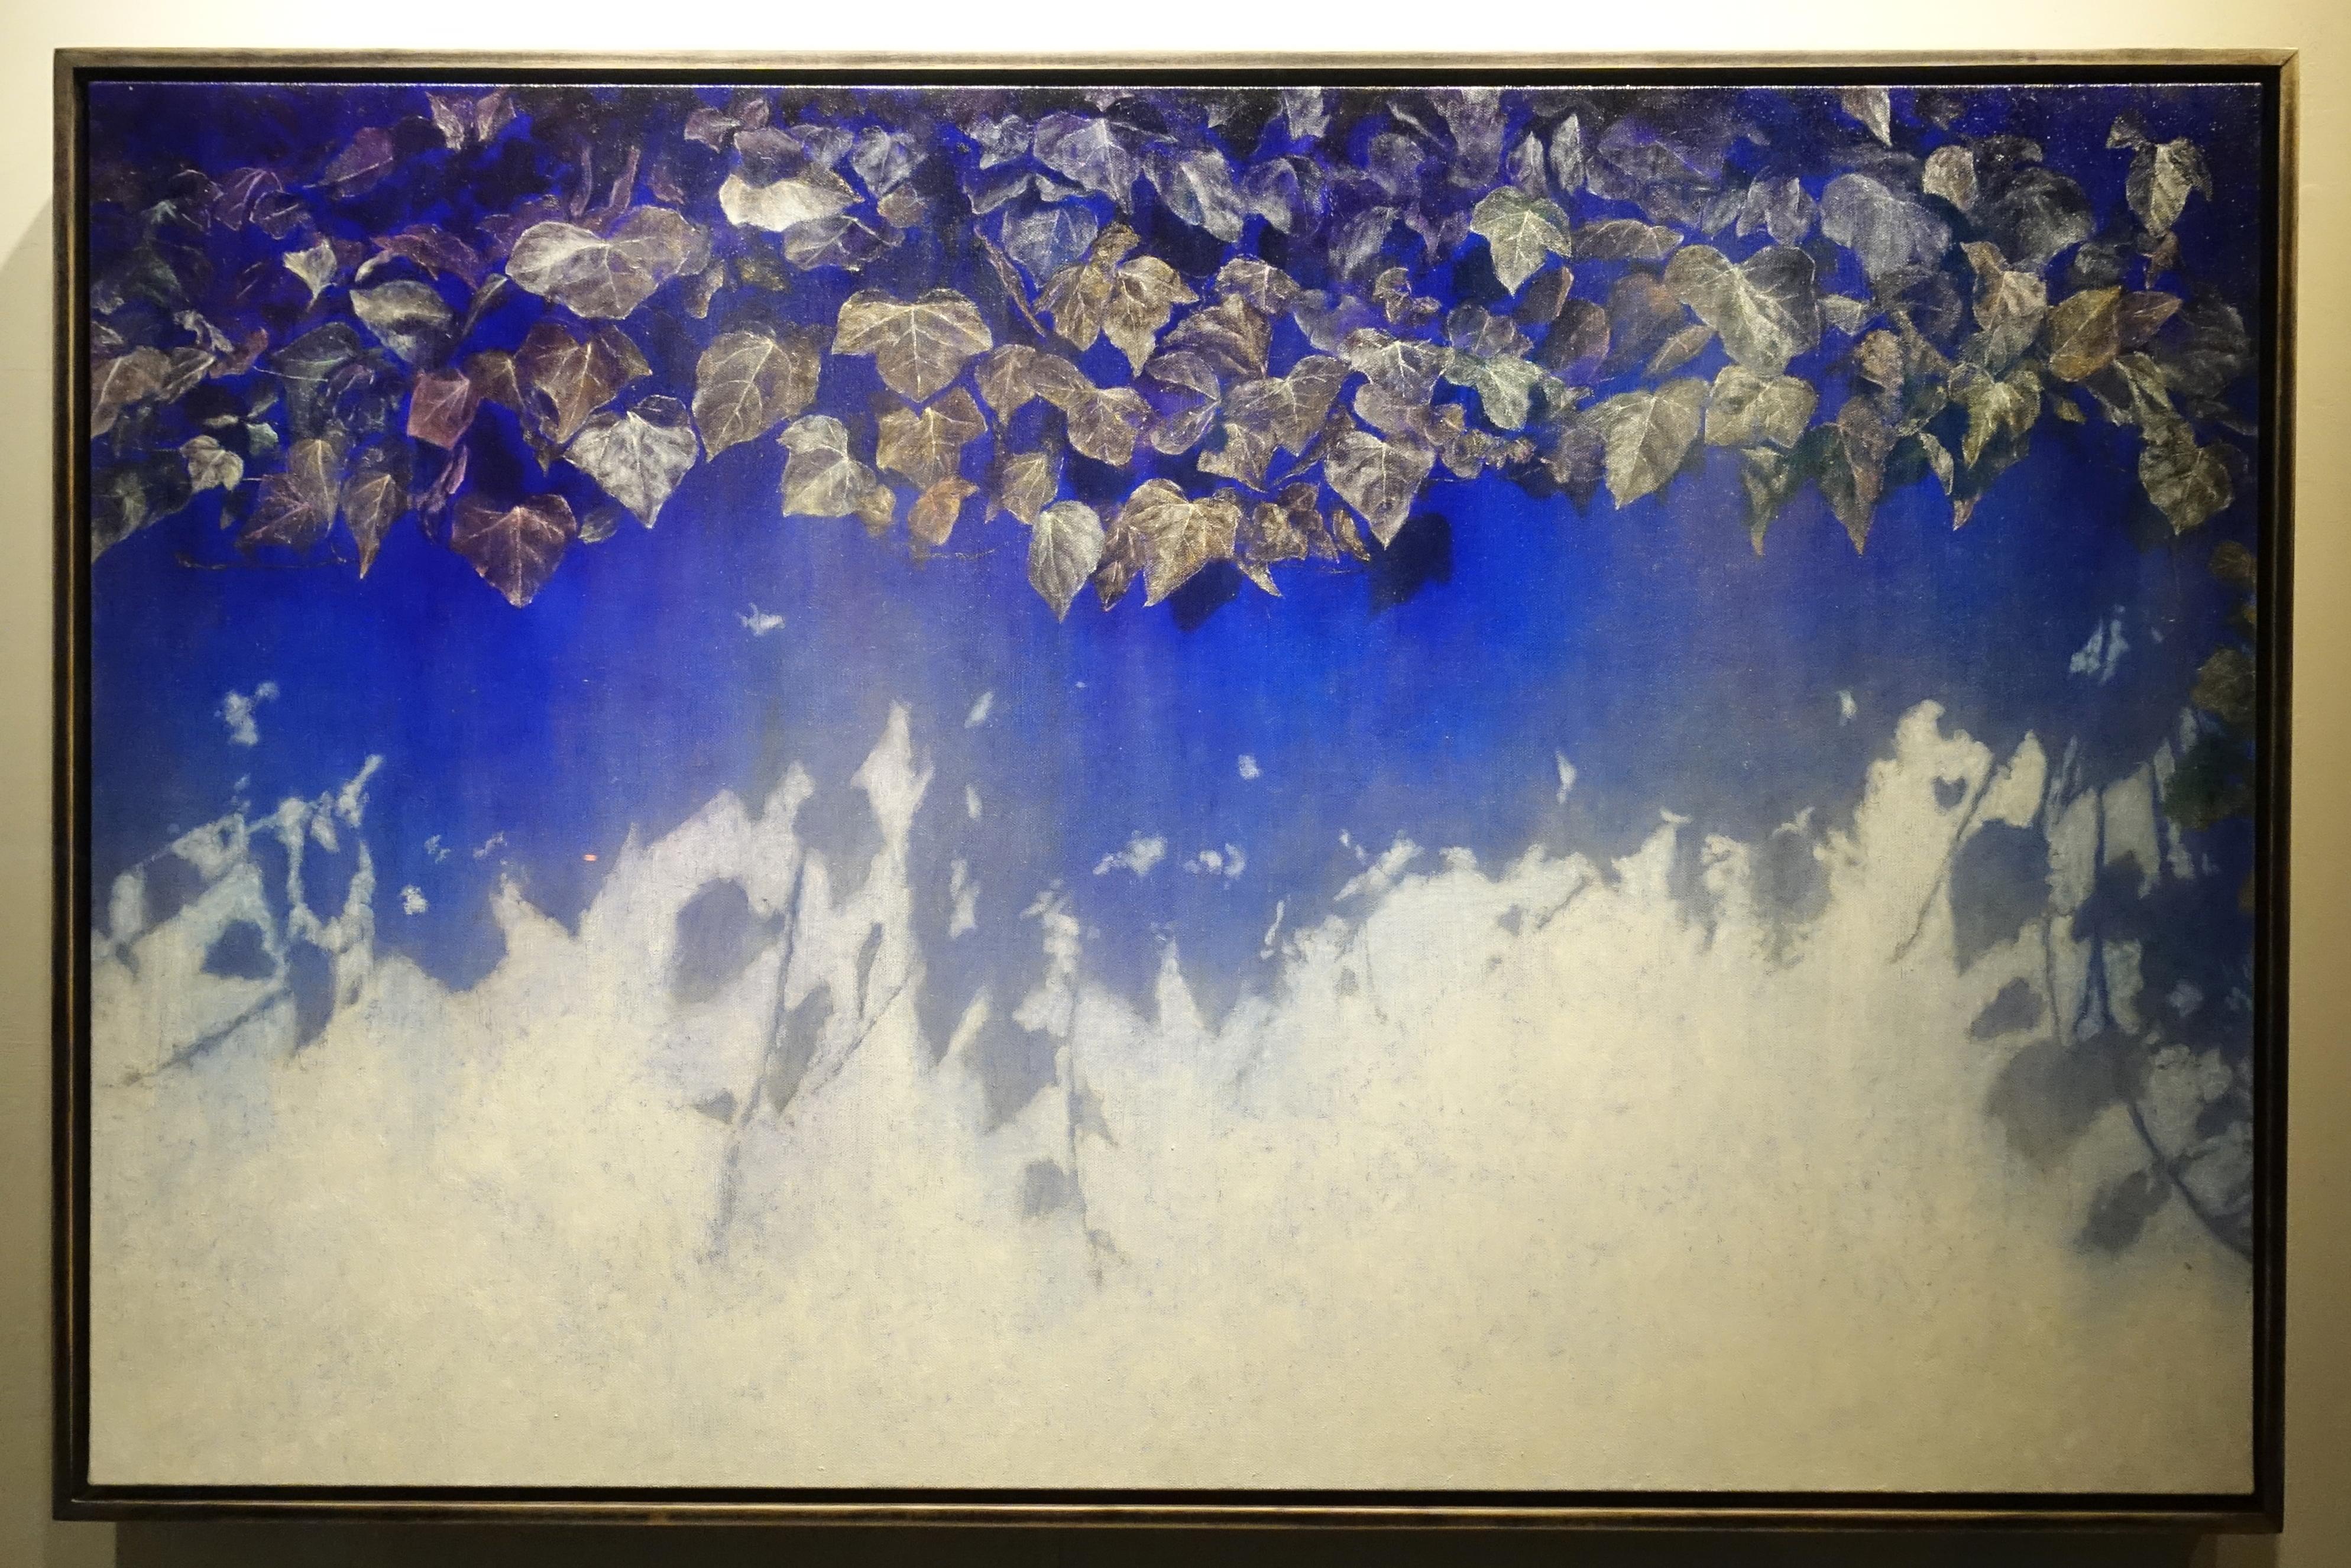 劉韋岑,《藤-虹》,100x65cm,油彩、畫布,2019。